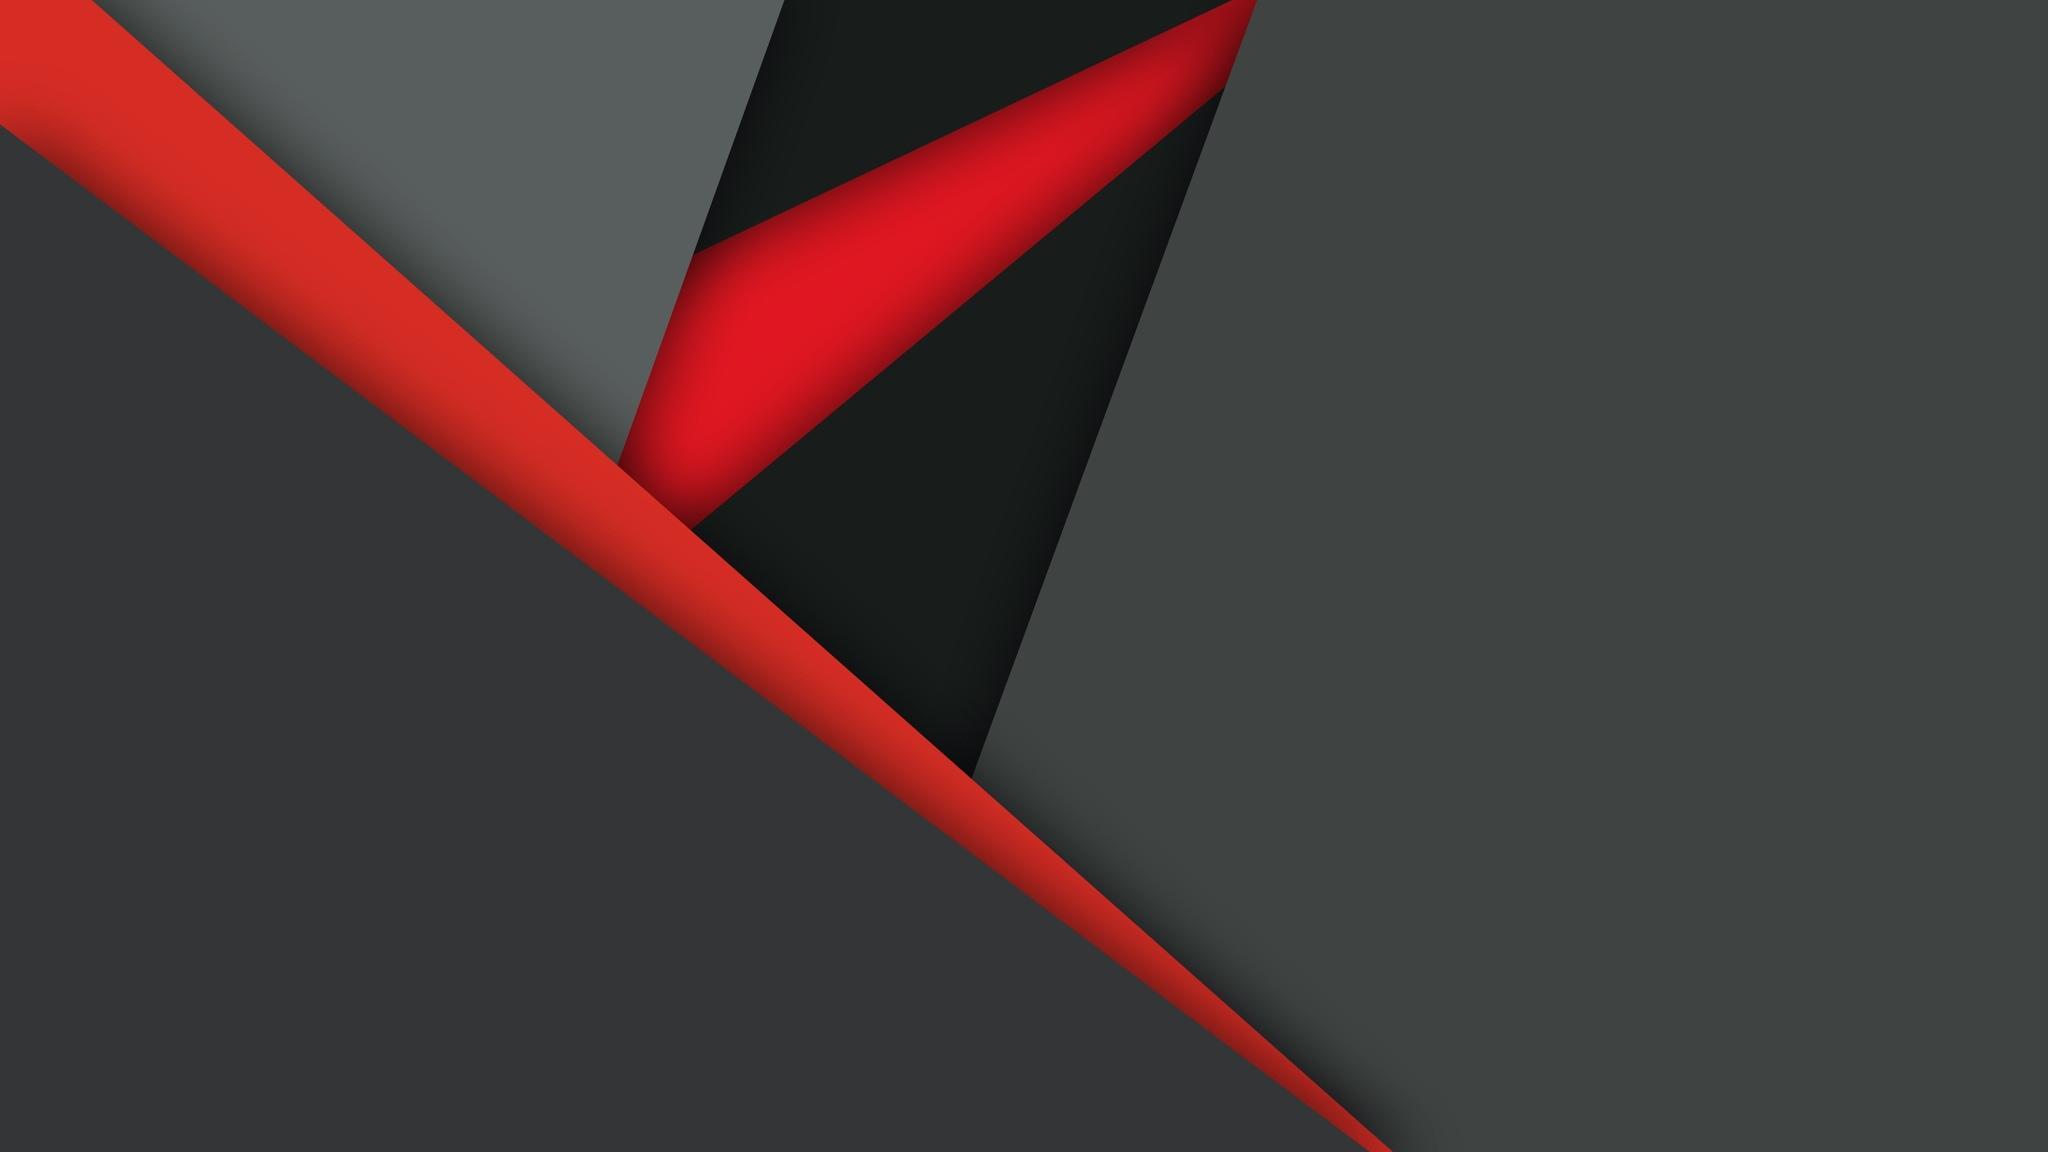 Download Red Black Ferrari 2048 X 2048 Wallpapers: 2048x1152 Material Design Dark Red Black 2048x1152